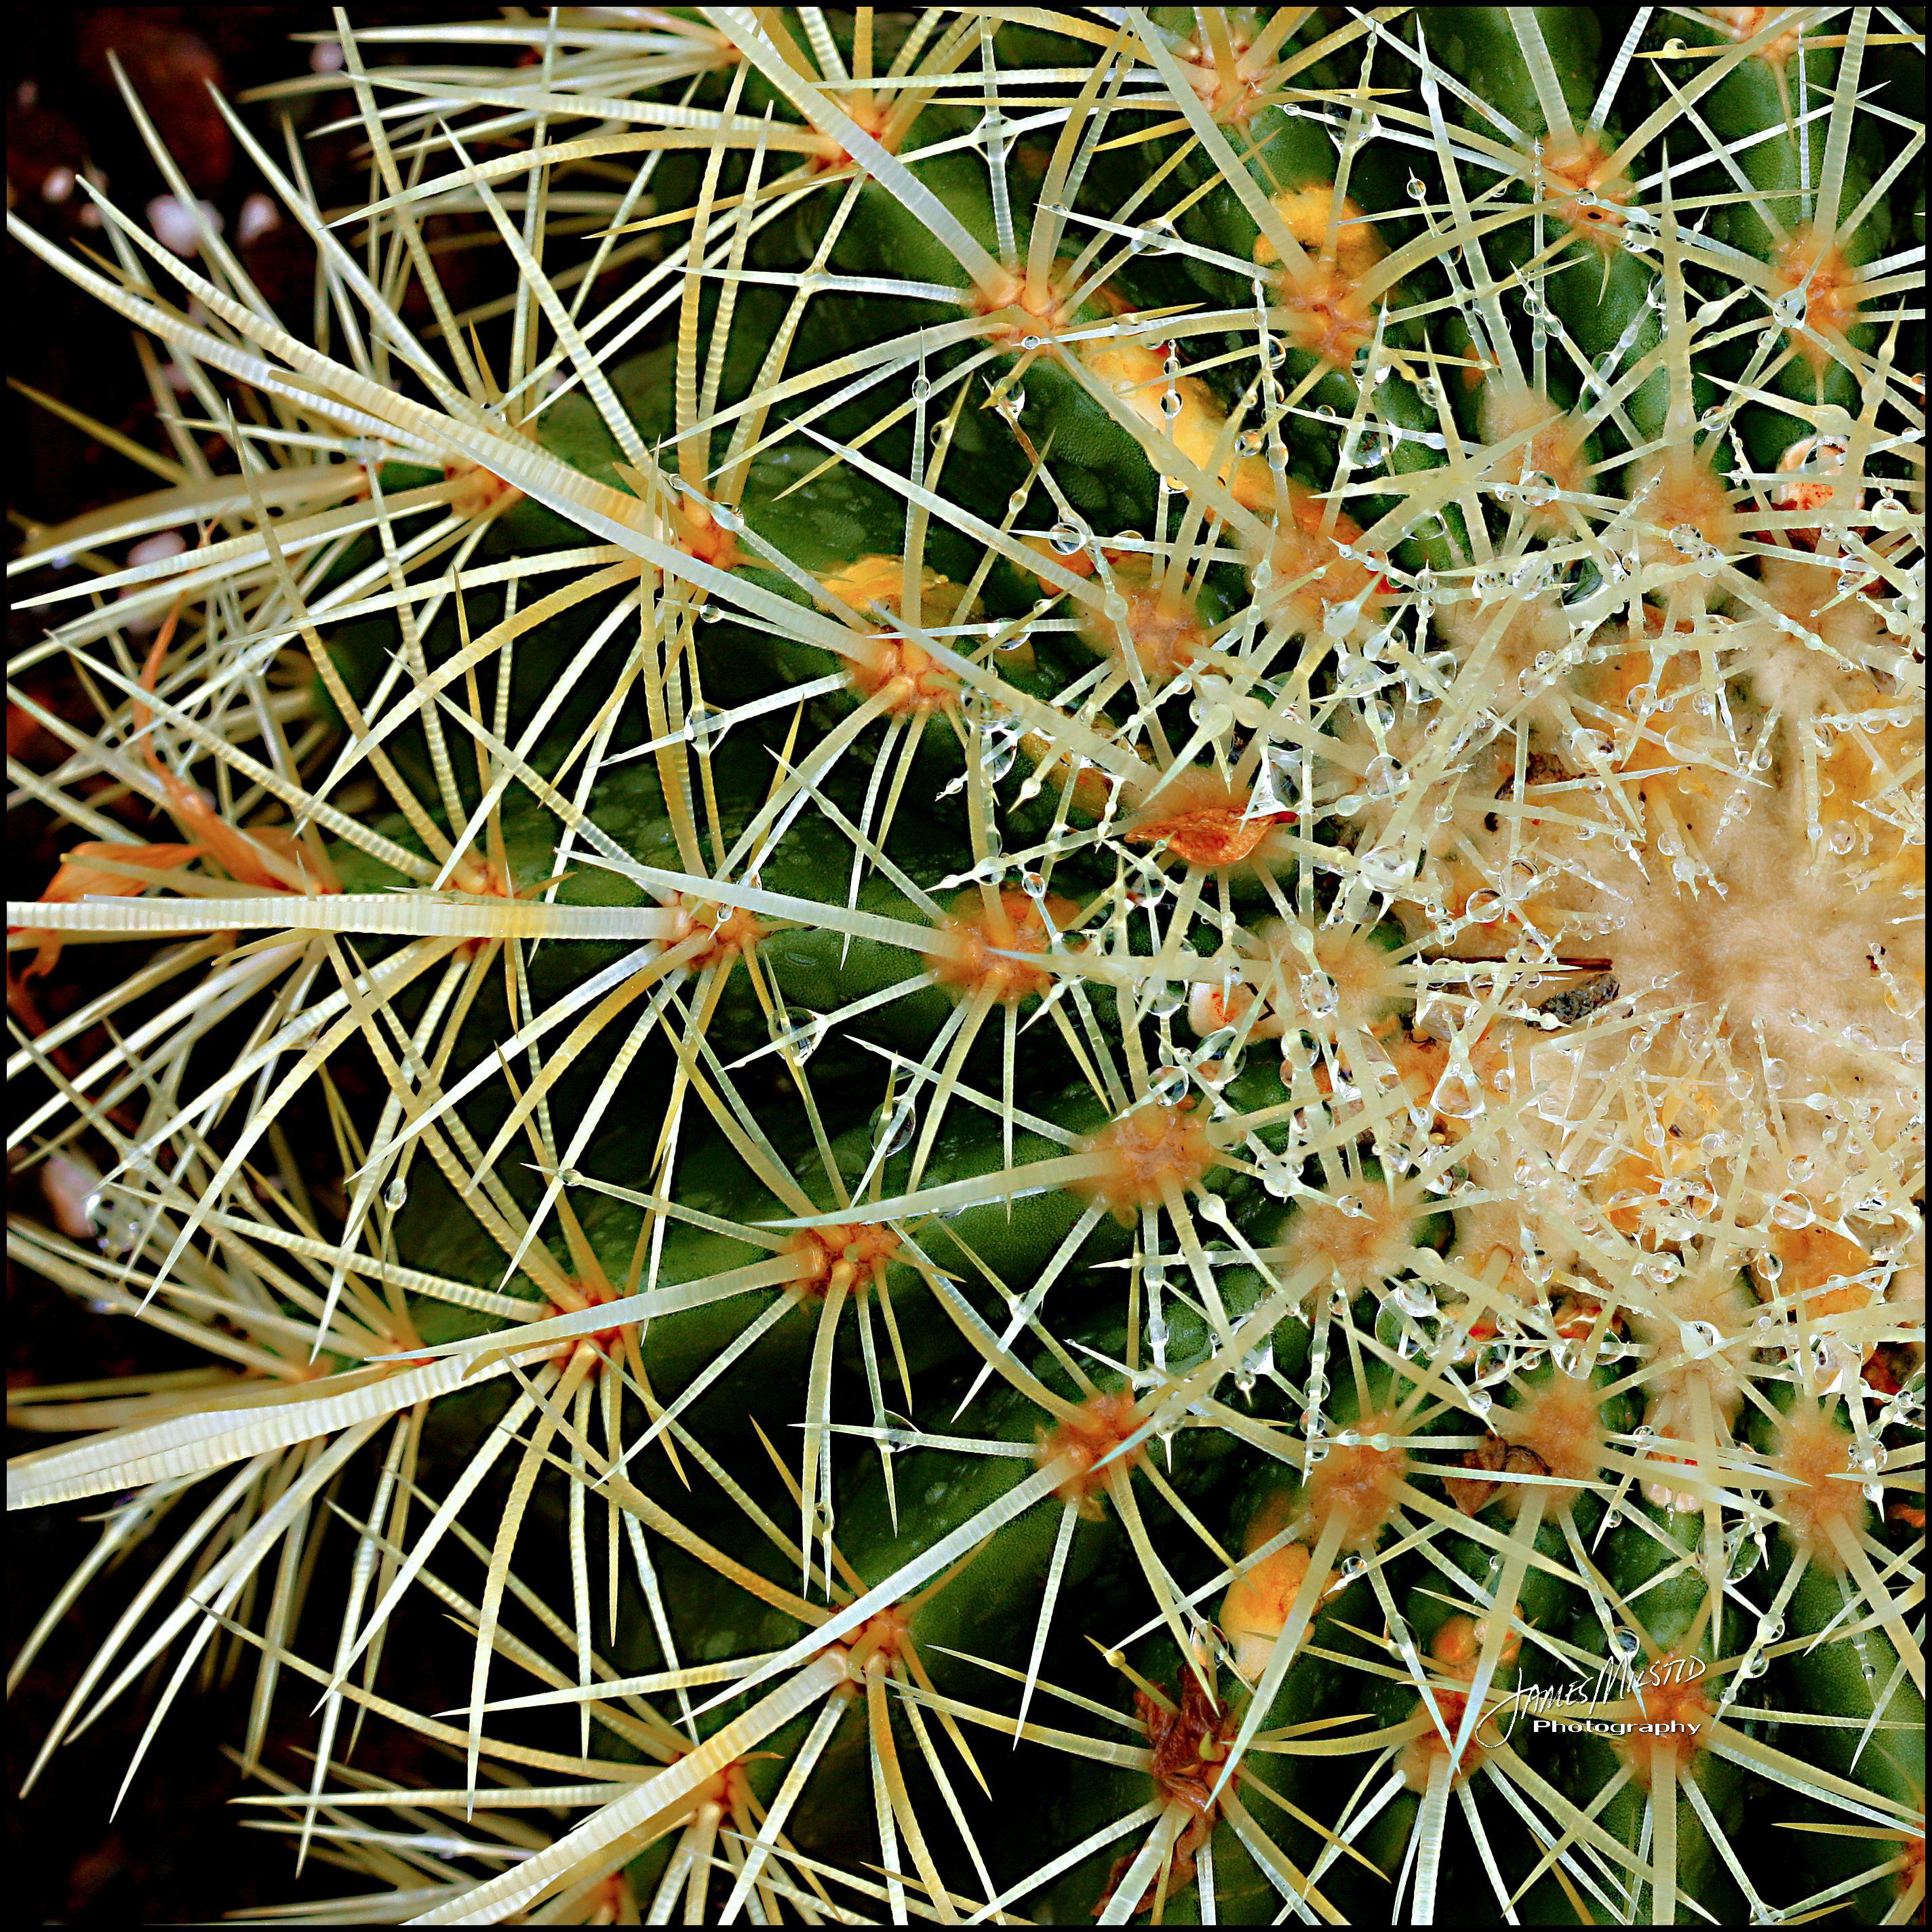 Golden Barrel Cactus - by James Milstid